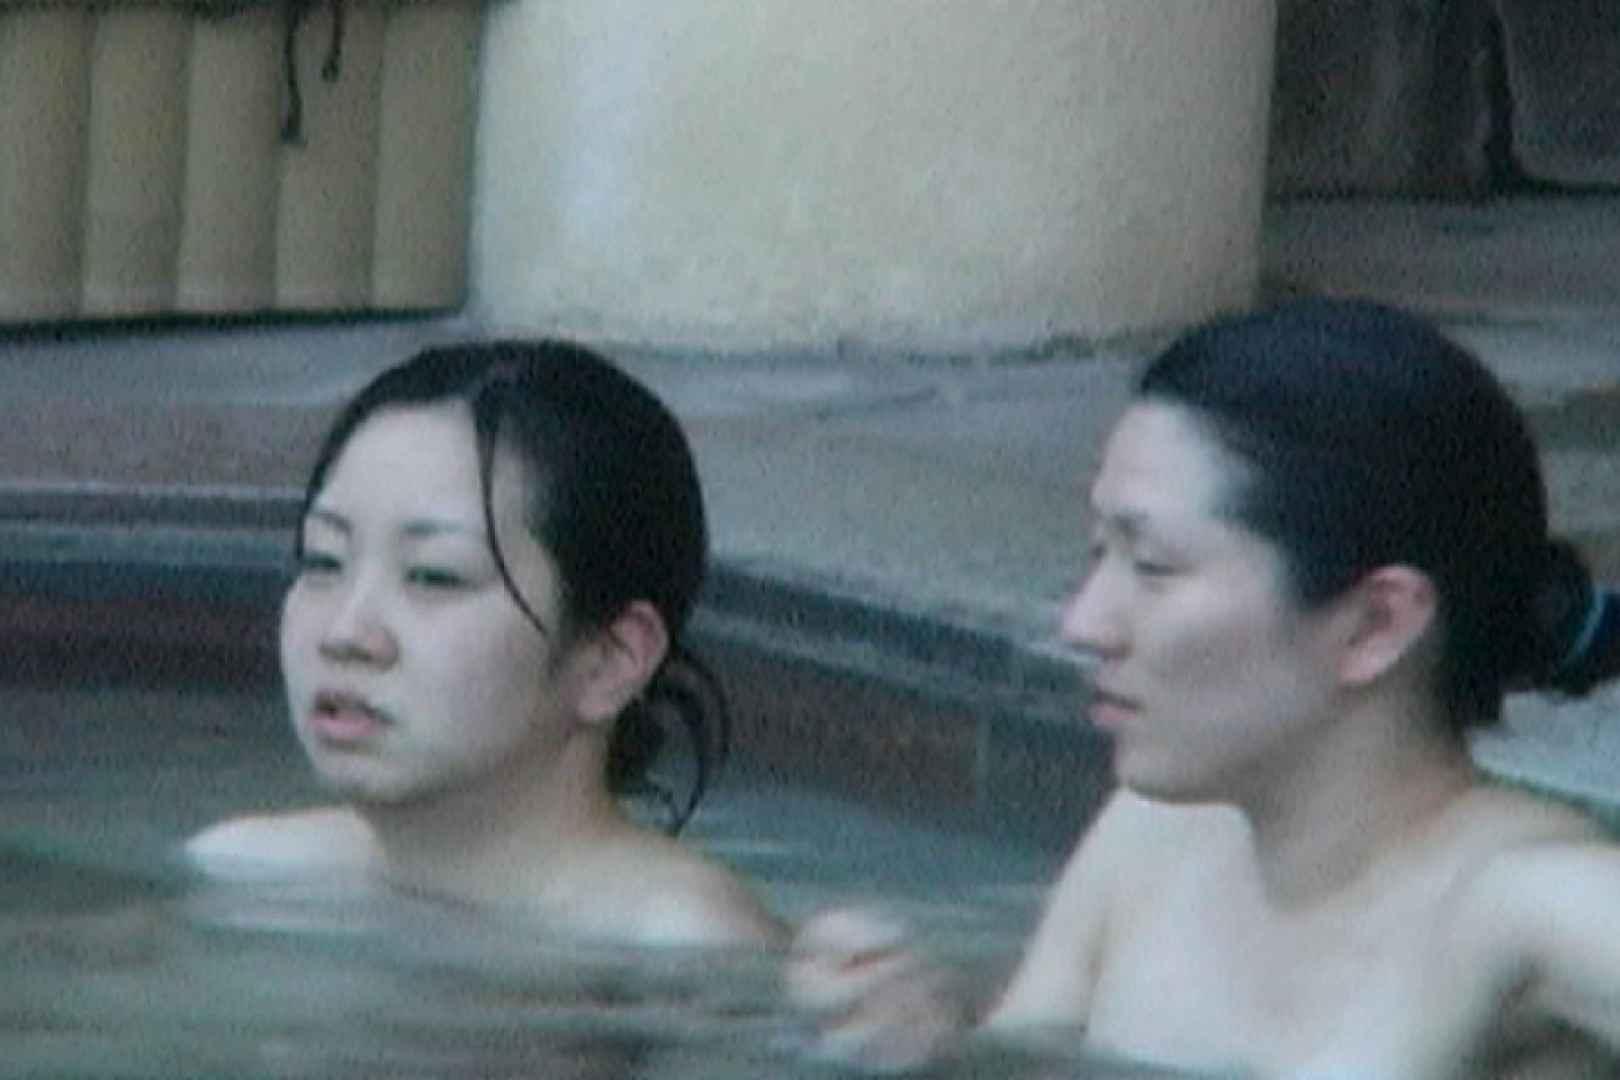 Aquaな露天風呂Vol.598 美しいOLの裸体 覗きおまんこ画像 105pic 32